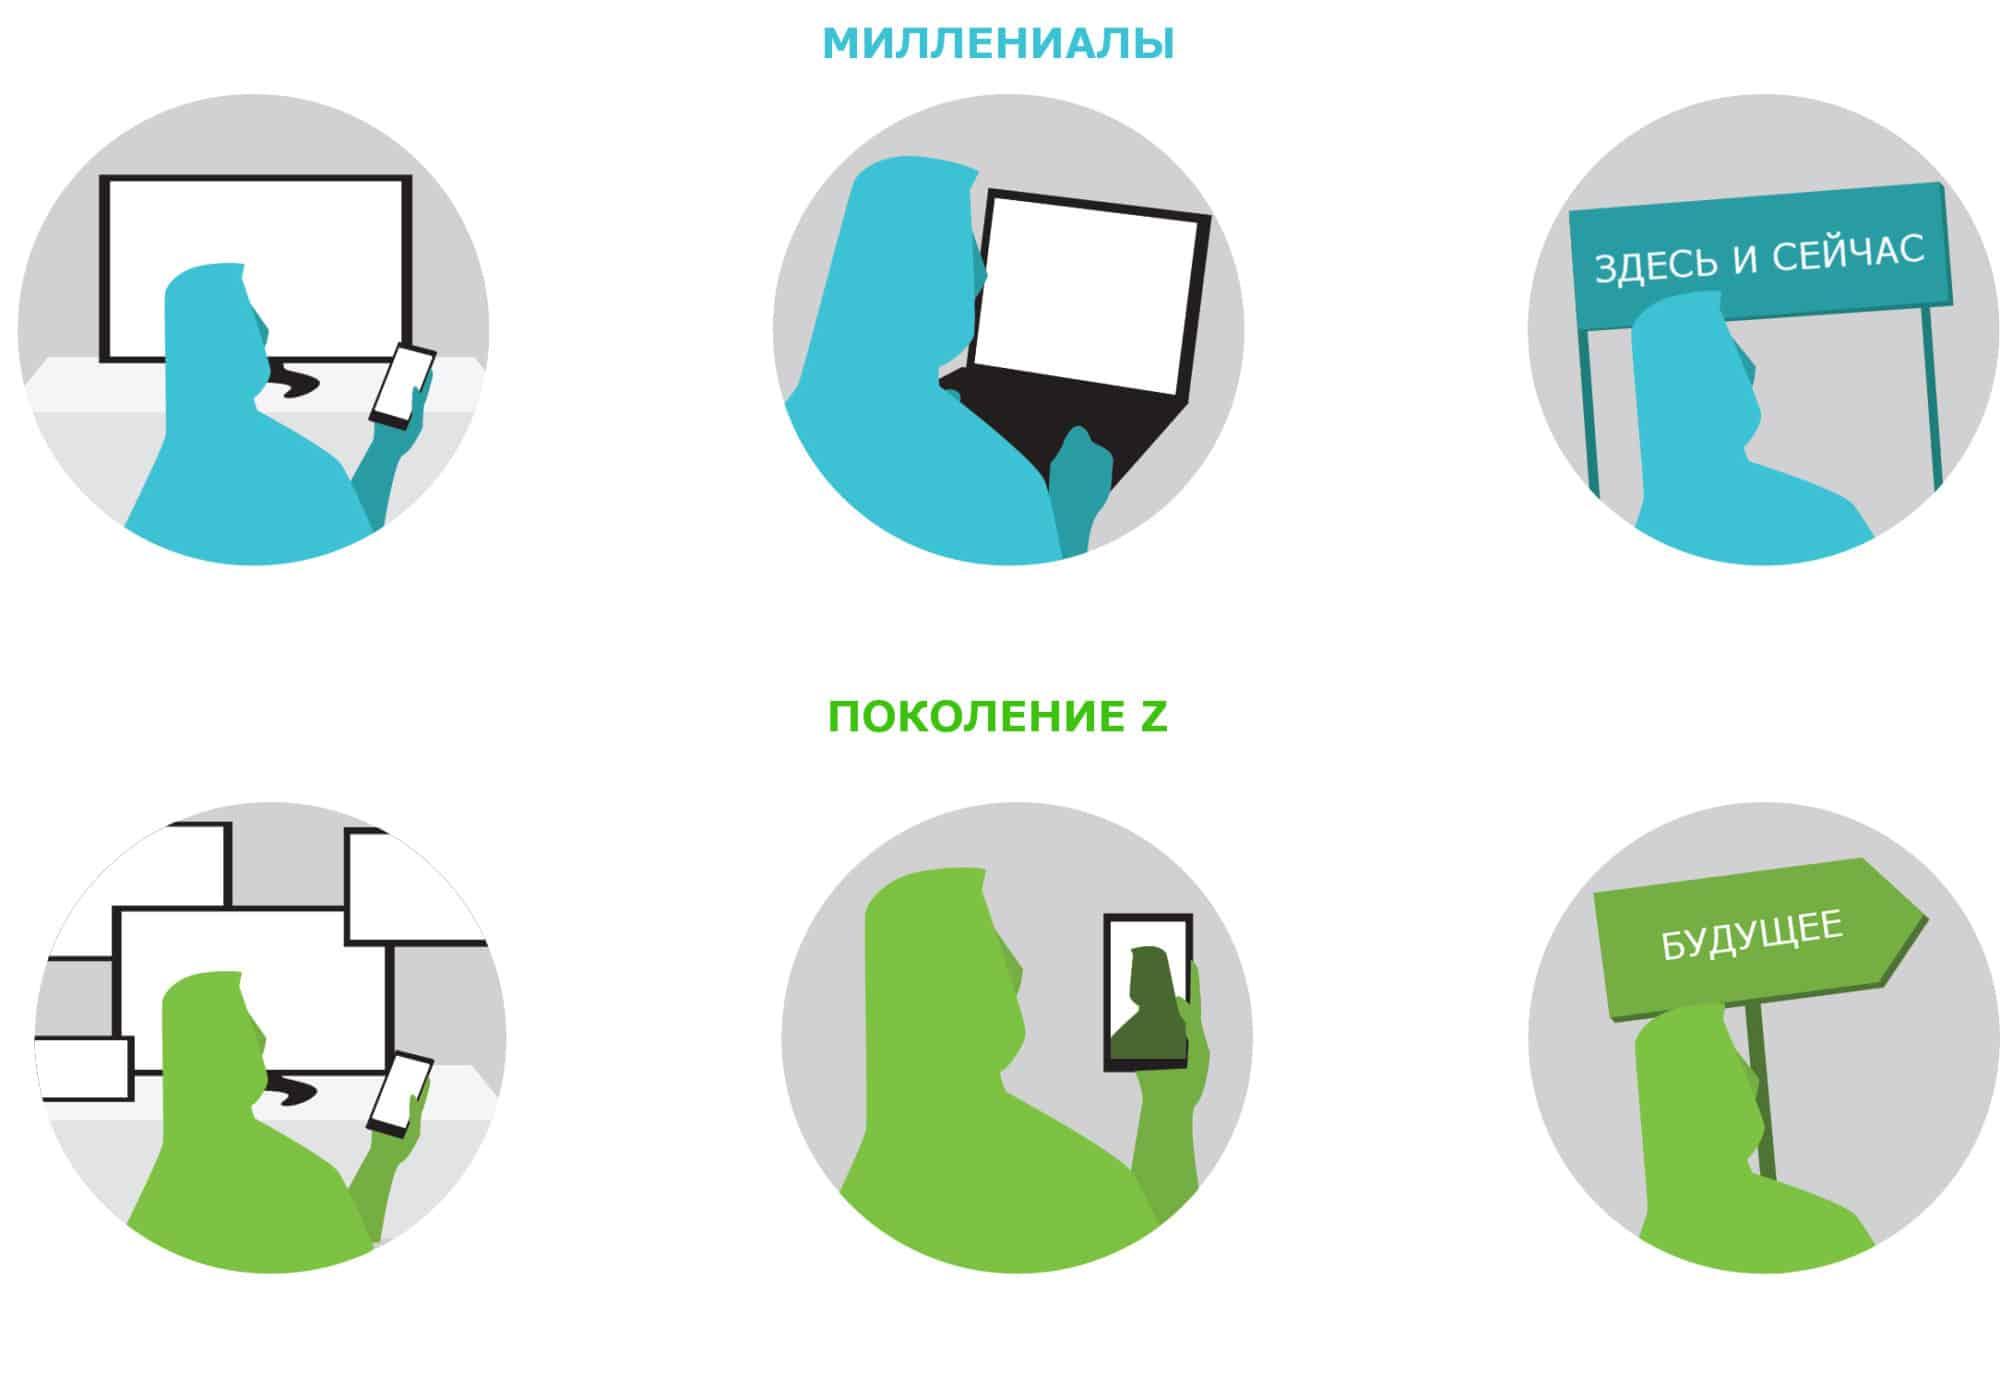 аудитория, интернет-маркетинг, стратегия, соцсети, поколение Z, поколения